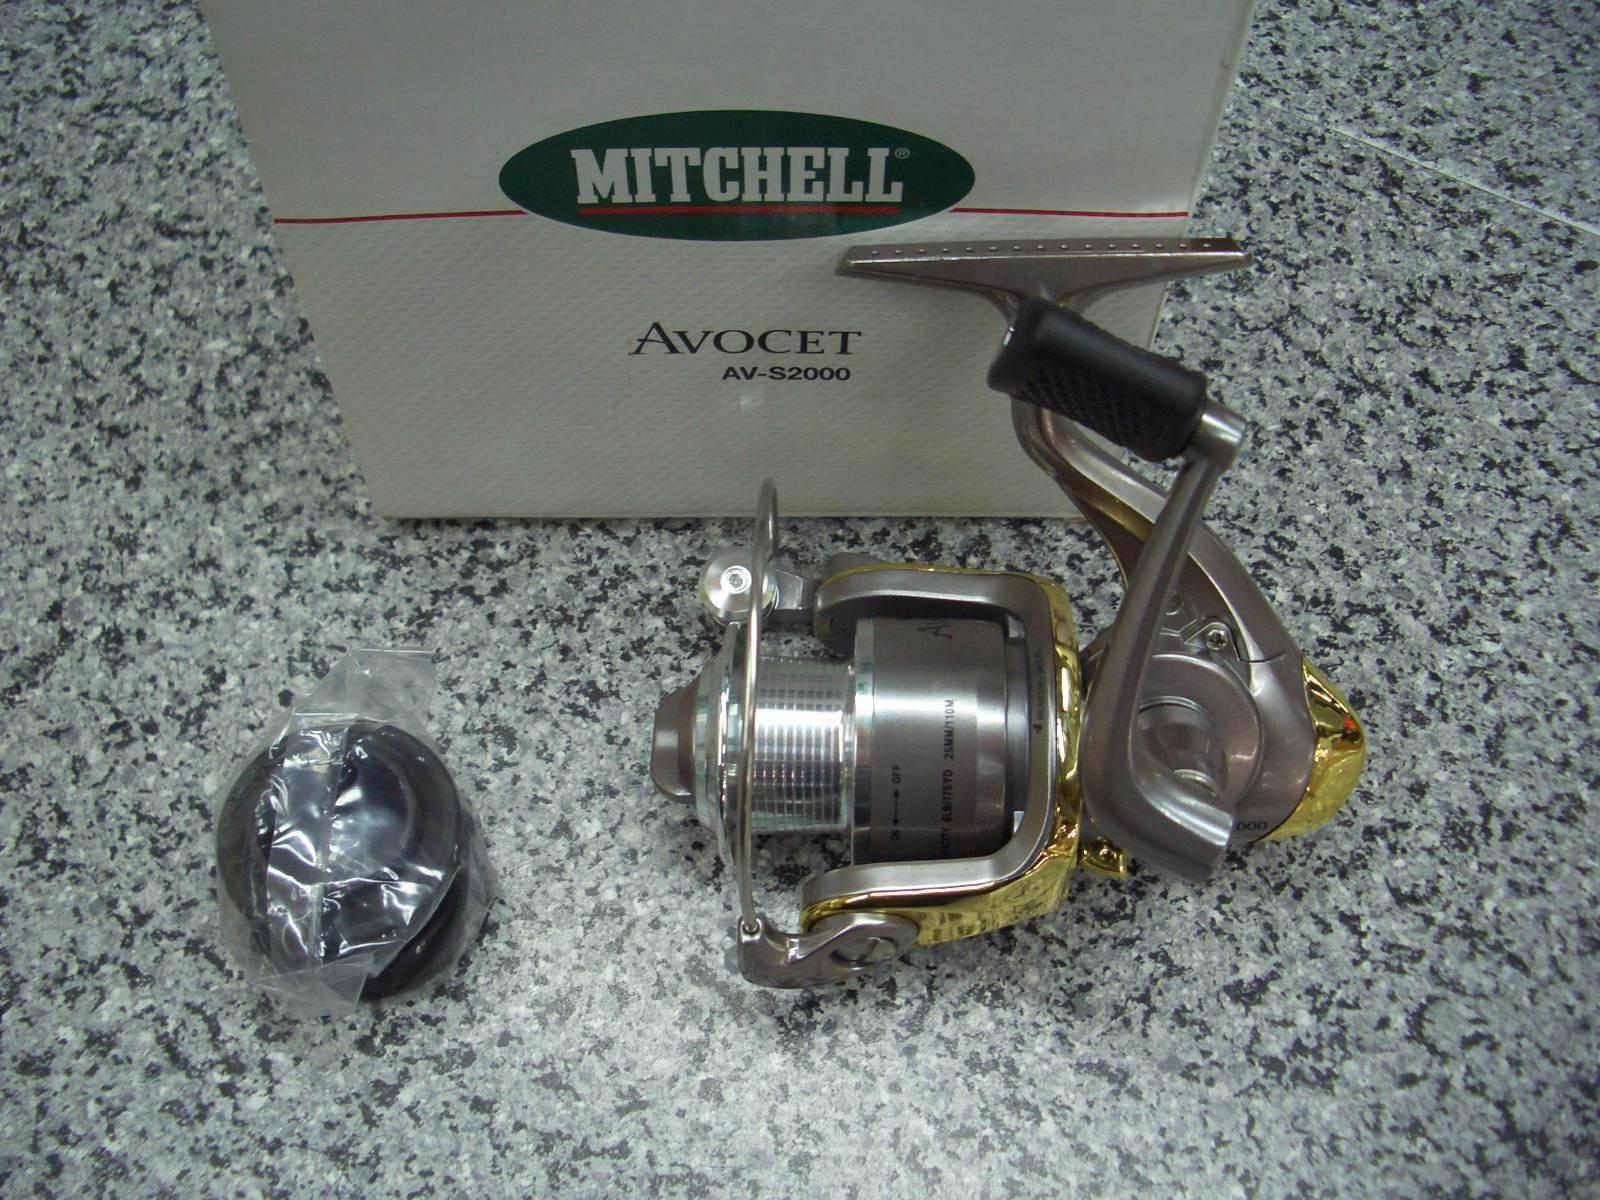 Mitchell Avocet Avocet Avocet AV-S2000, neu, ovp 275ccf